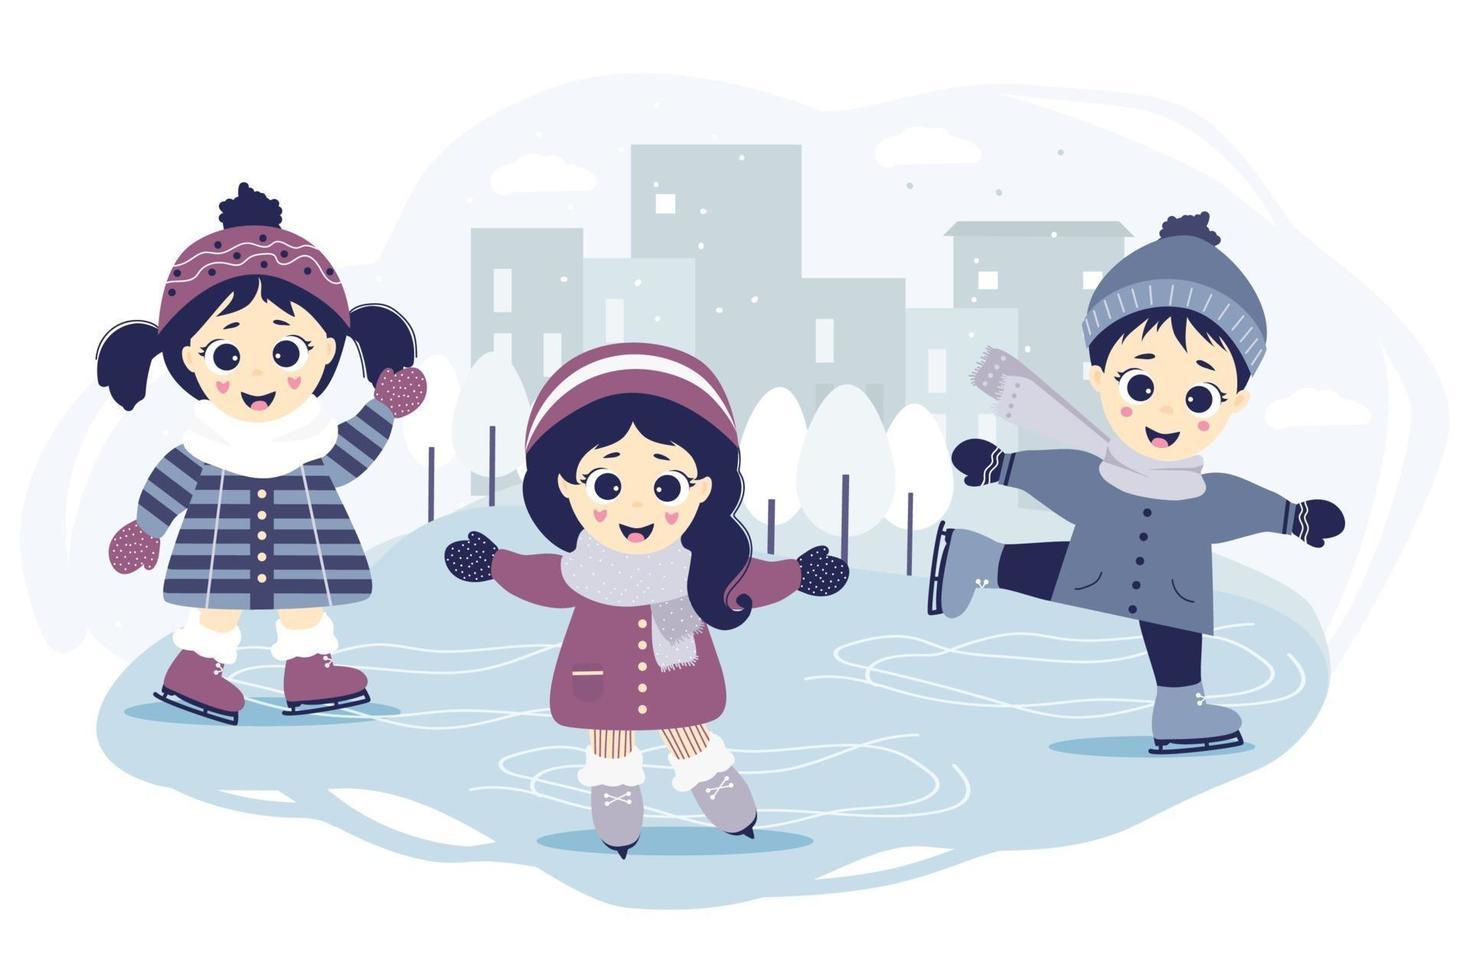 glückliche Kinder Eislaufen vektor